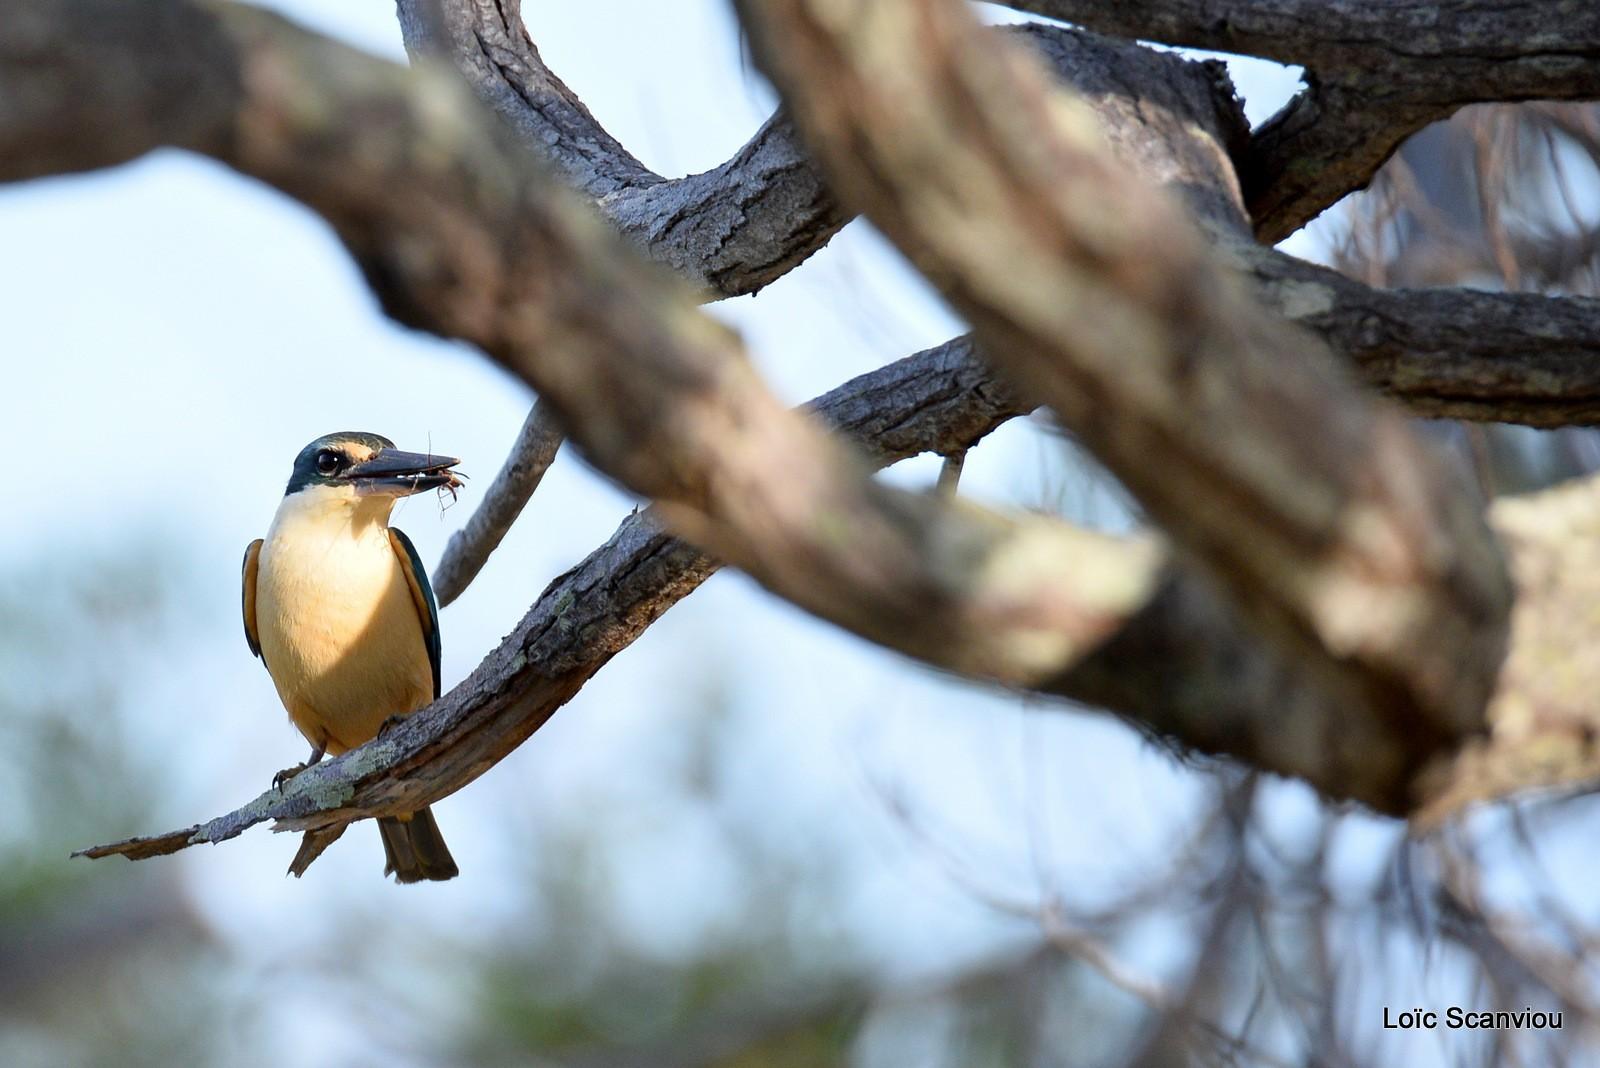 Martin-chasseur sacré/Sacred Kingfisher (7)